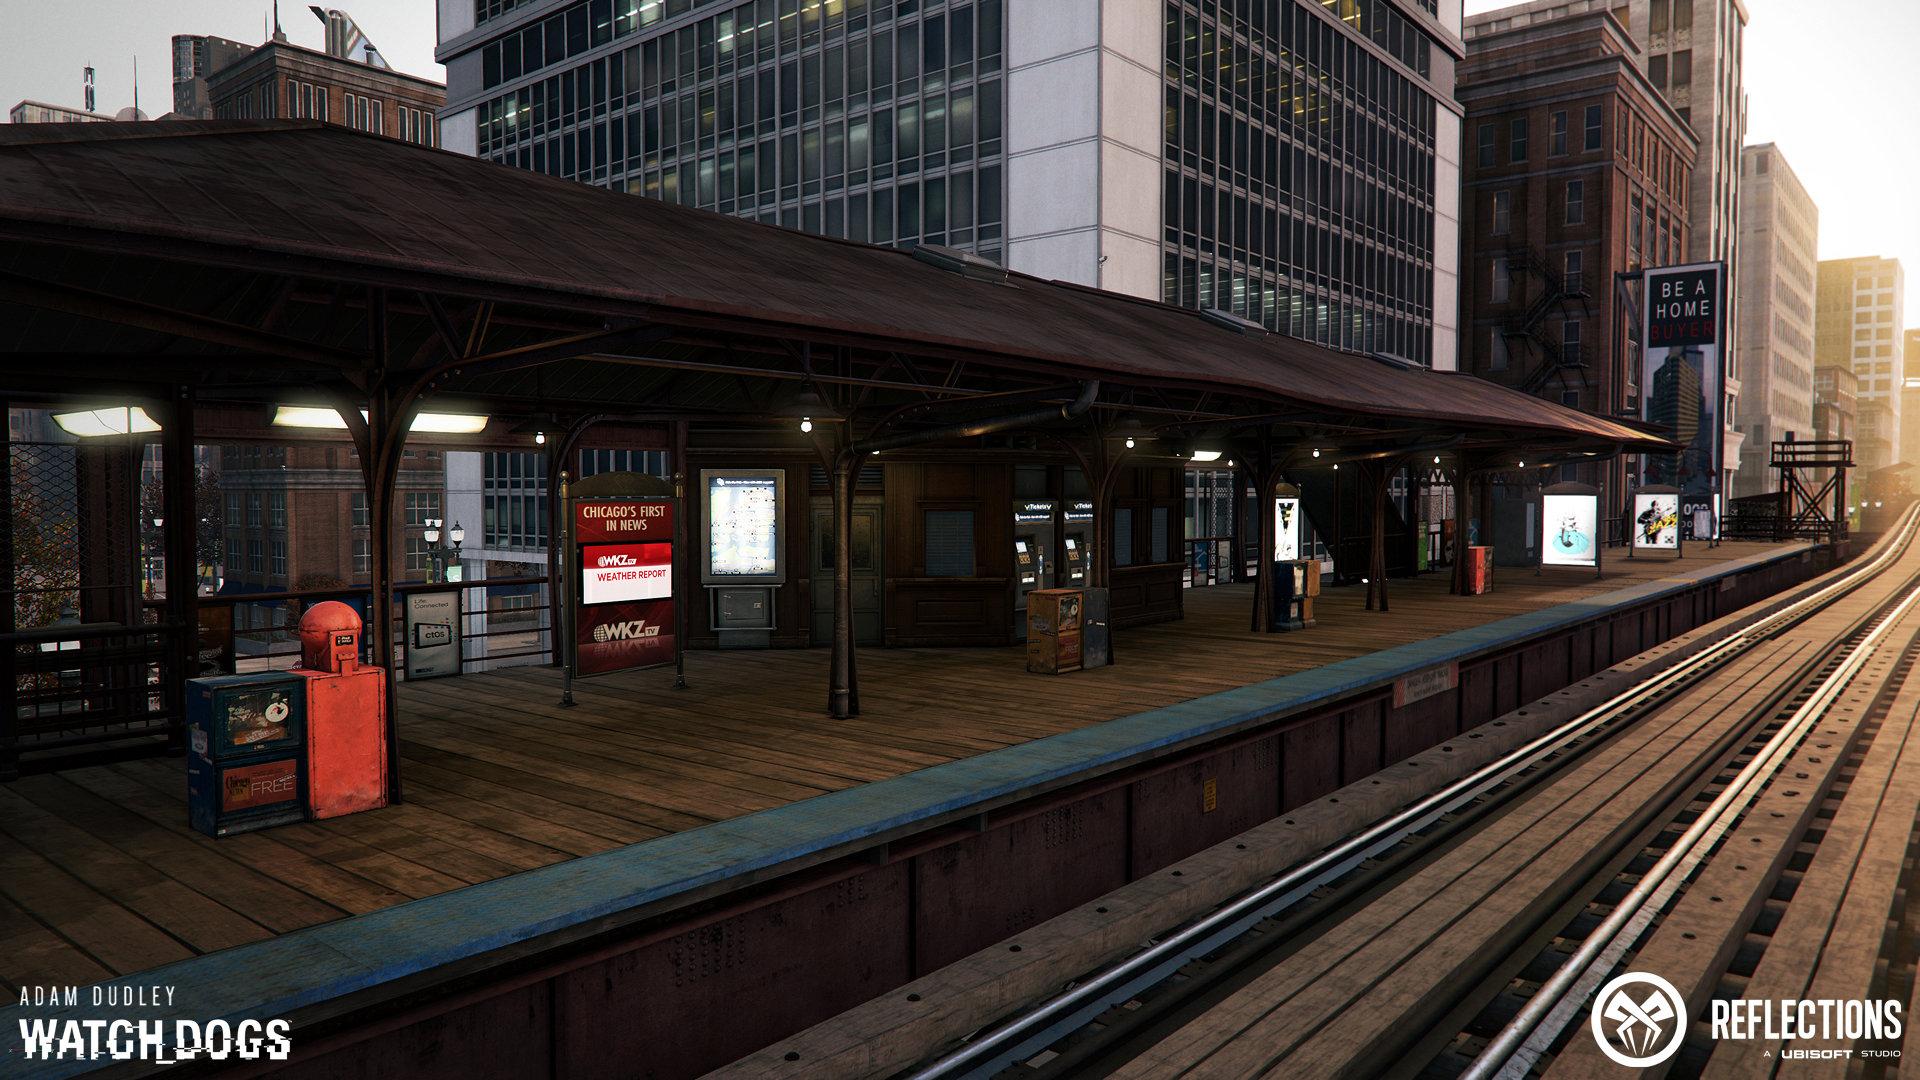 Adam dudley loop station 01